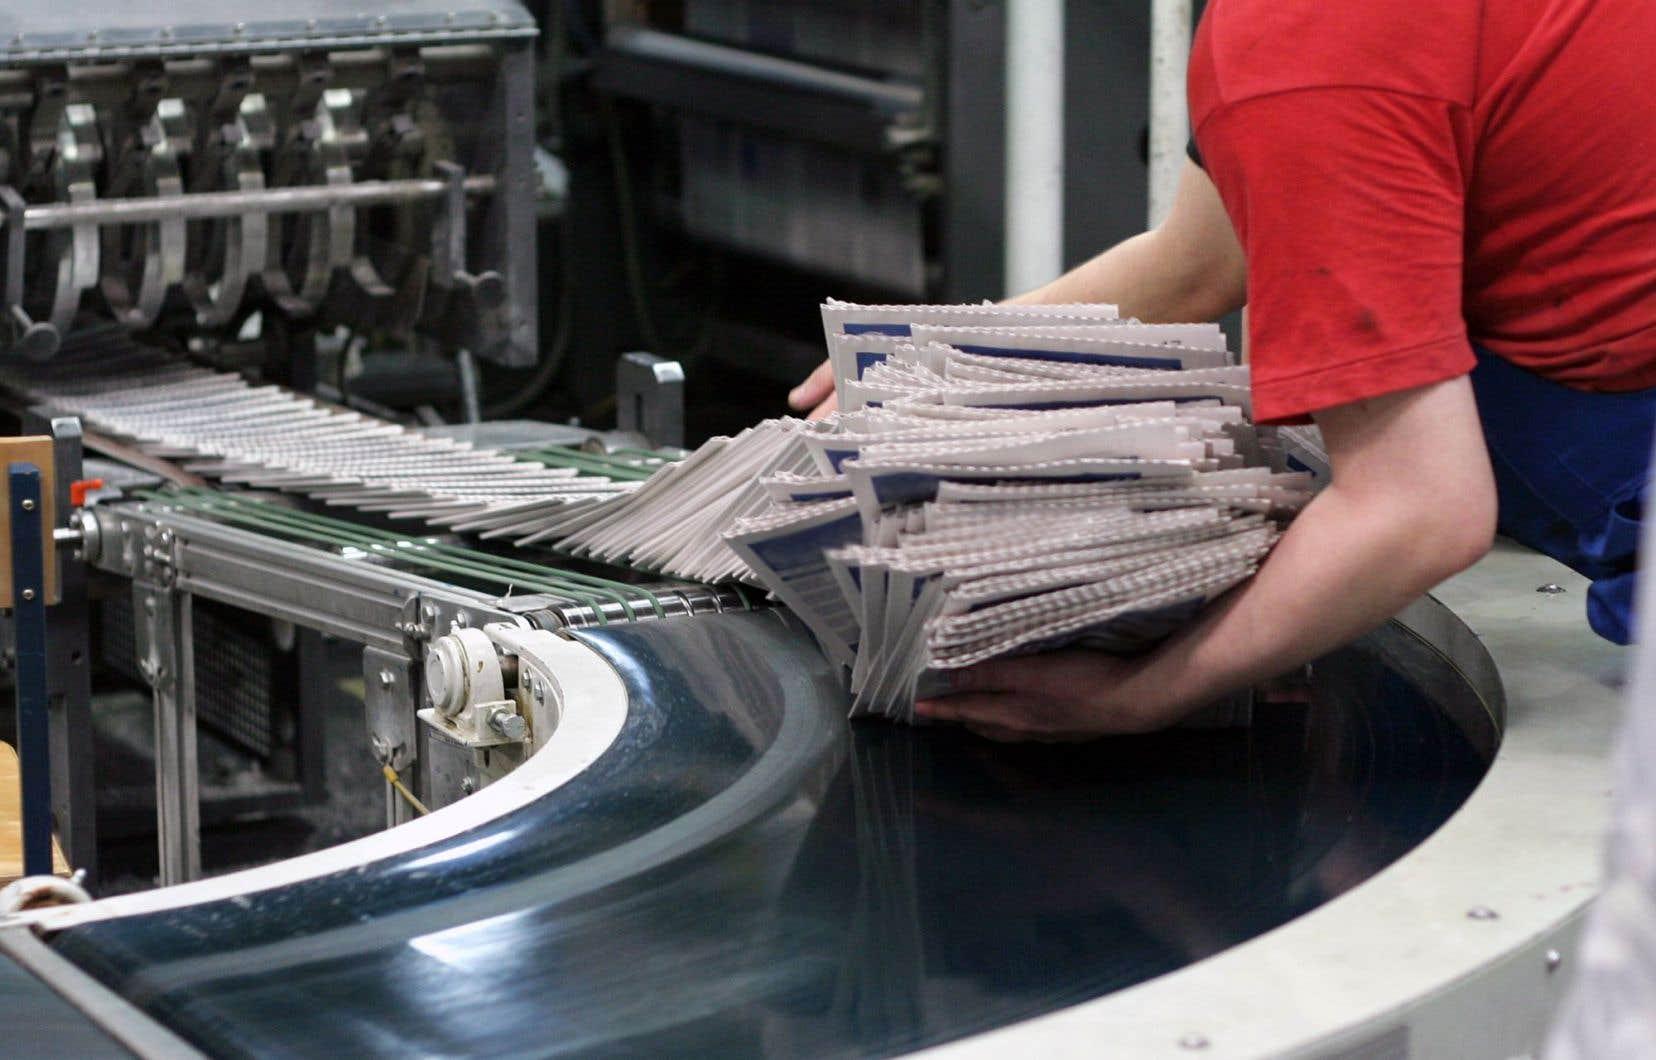 La Coalition pour la pérennité de la presse d'information, qui regroupe 178 journaux, estime que les sommes promises sont insuffisantes.